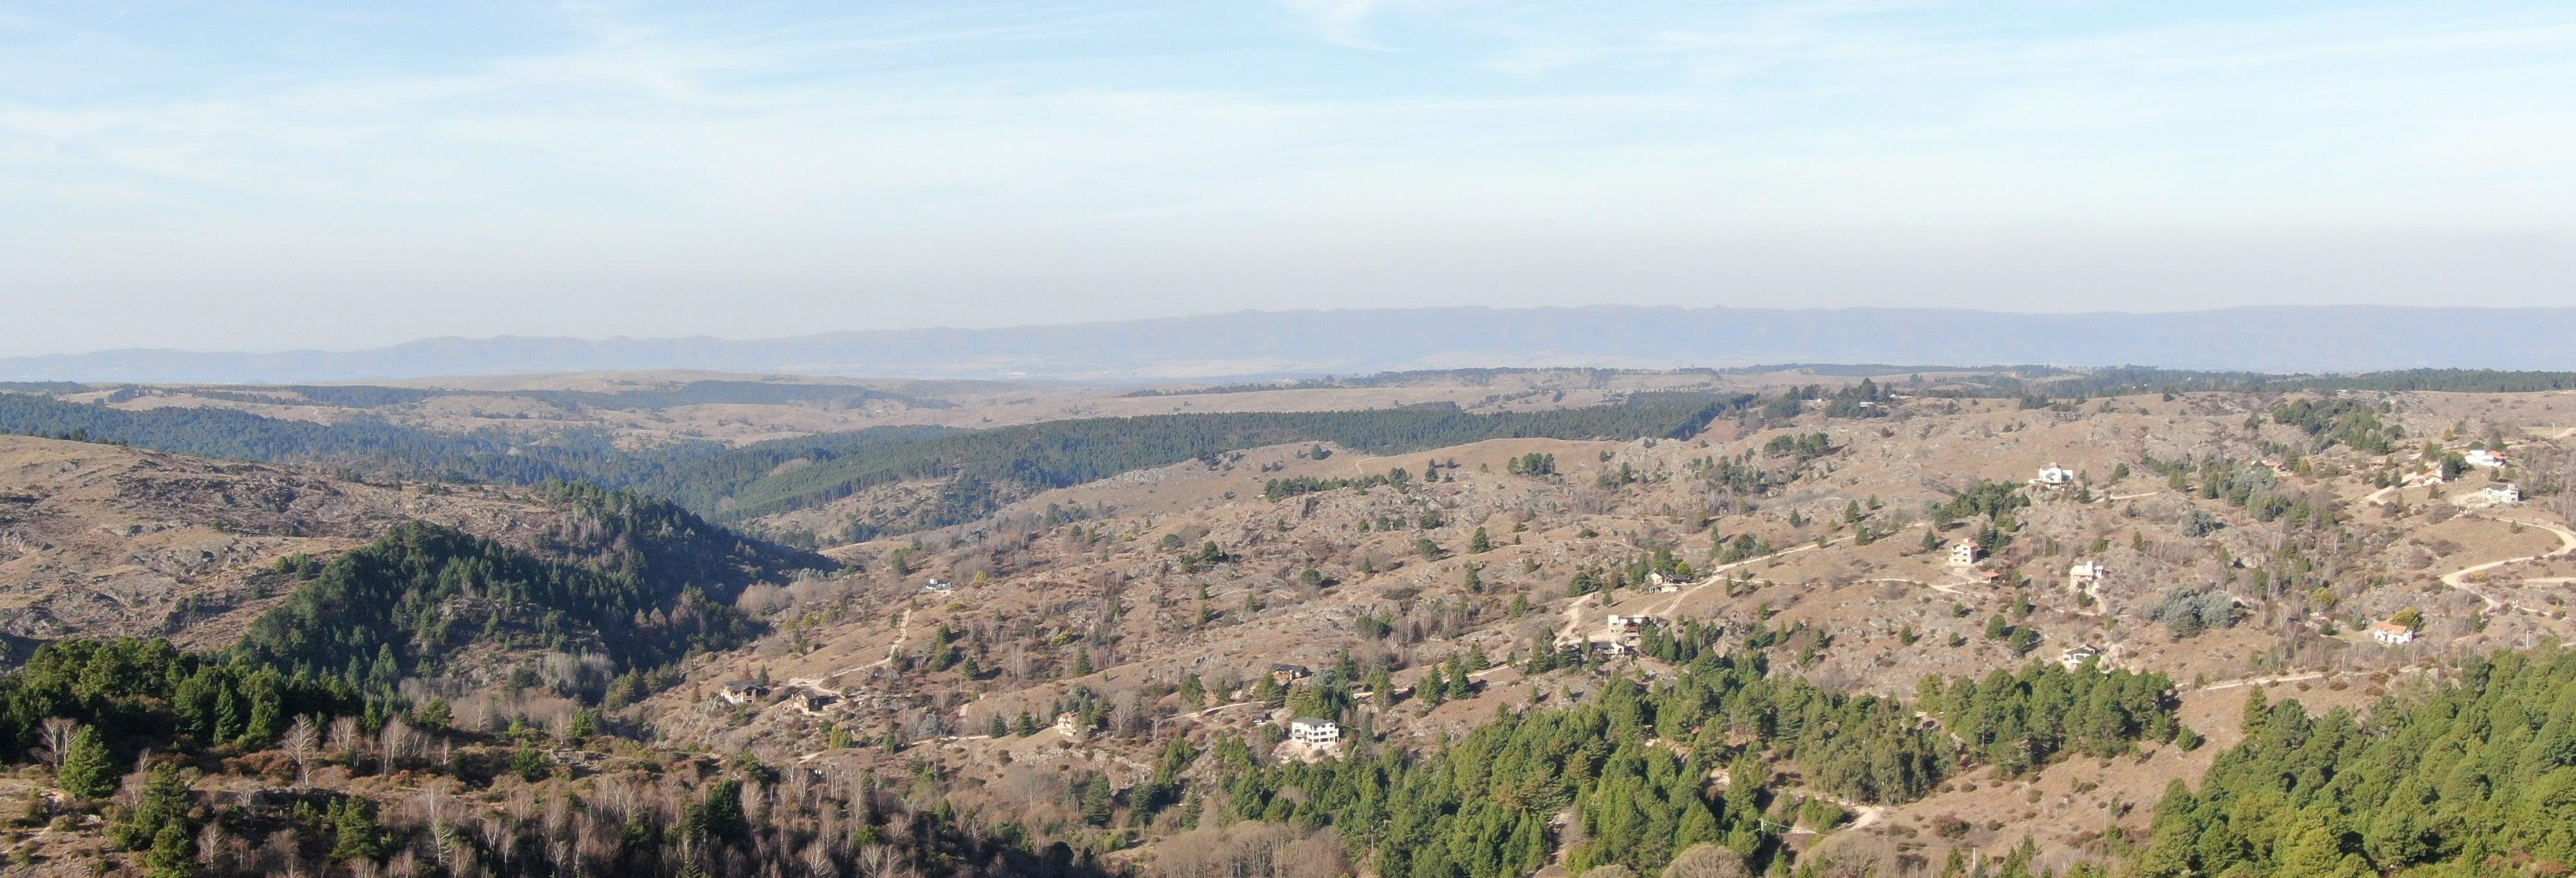 Excursión por las bodegas del Valle de Calamuchita